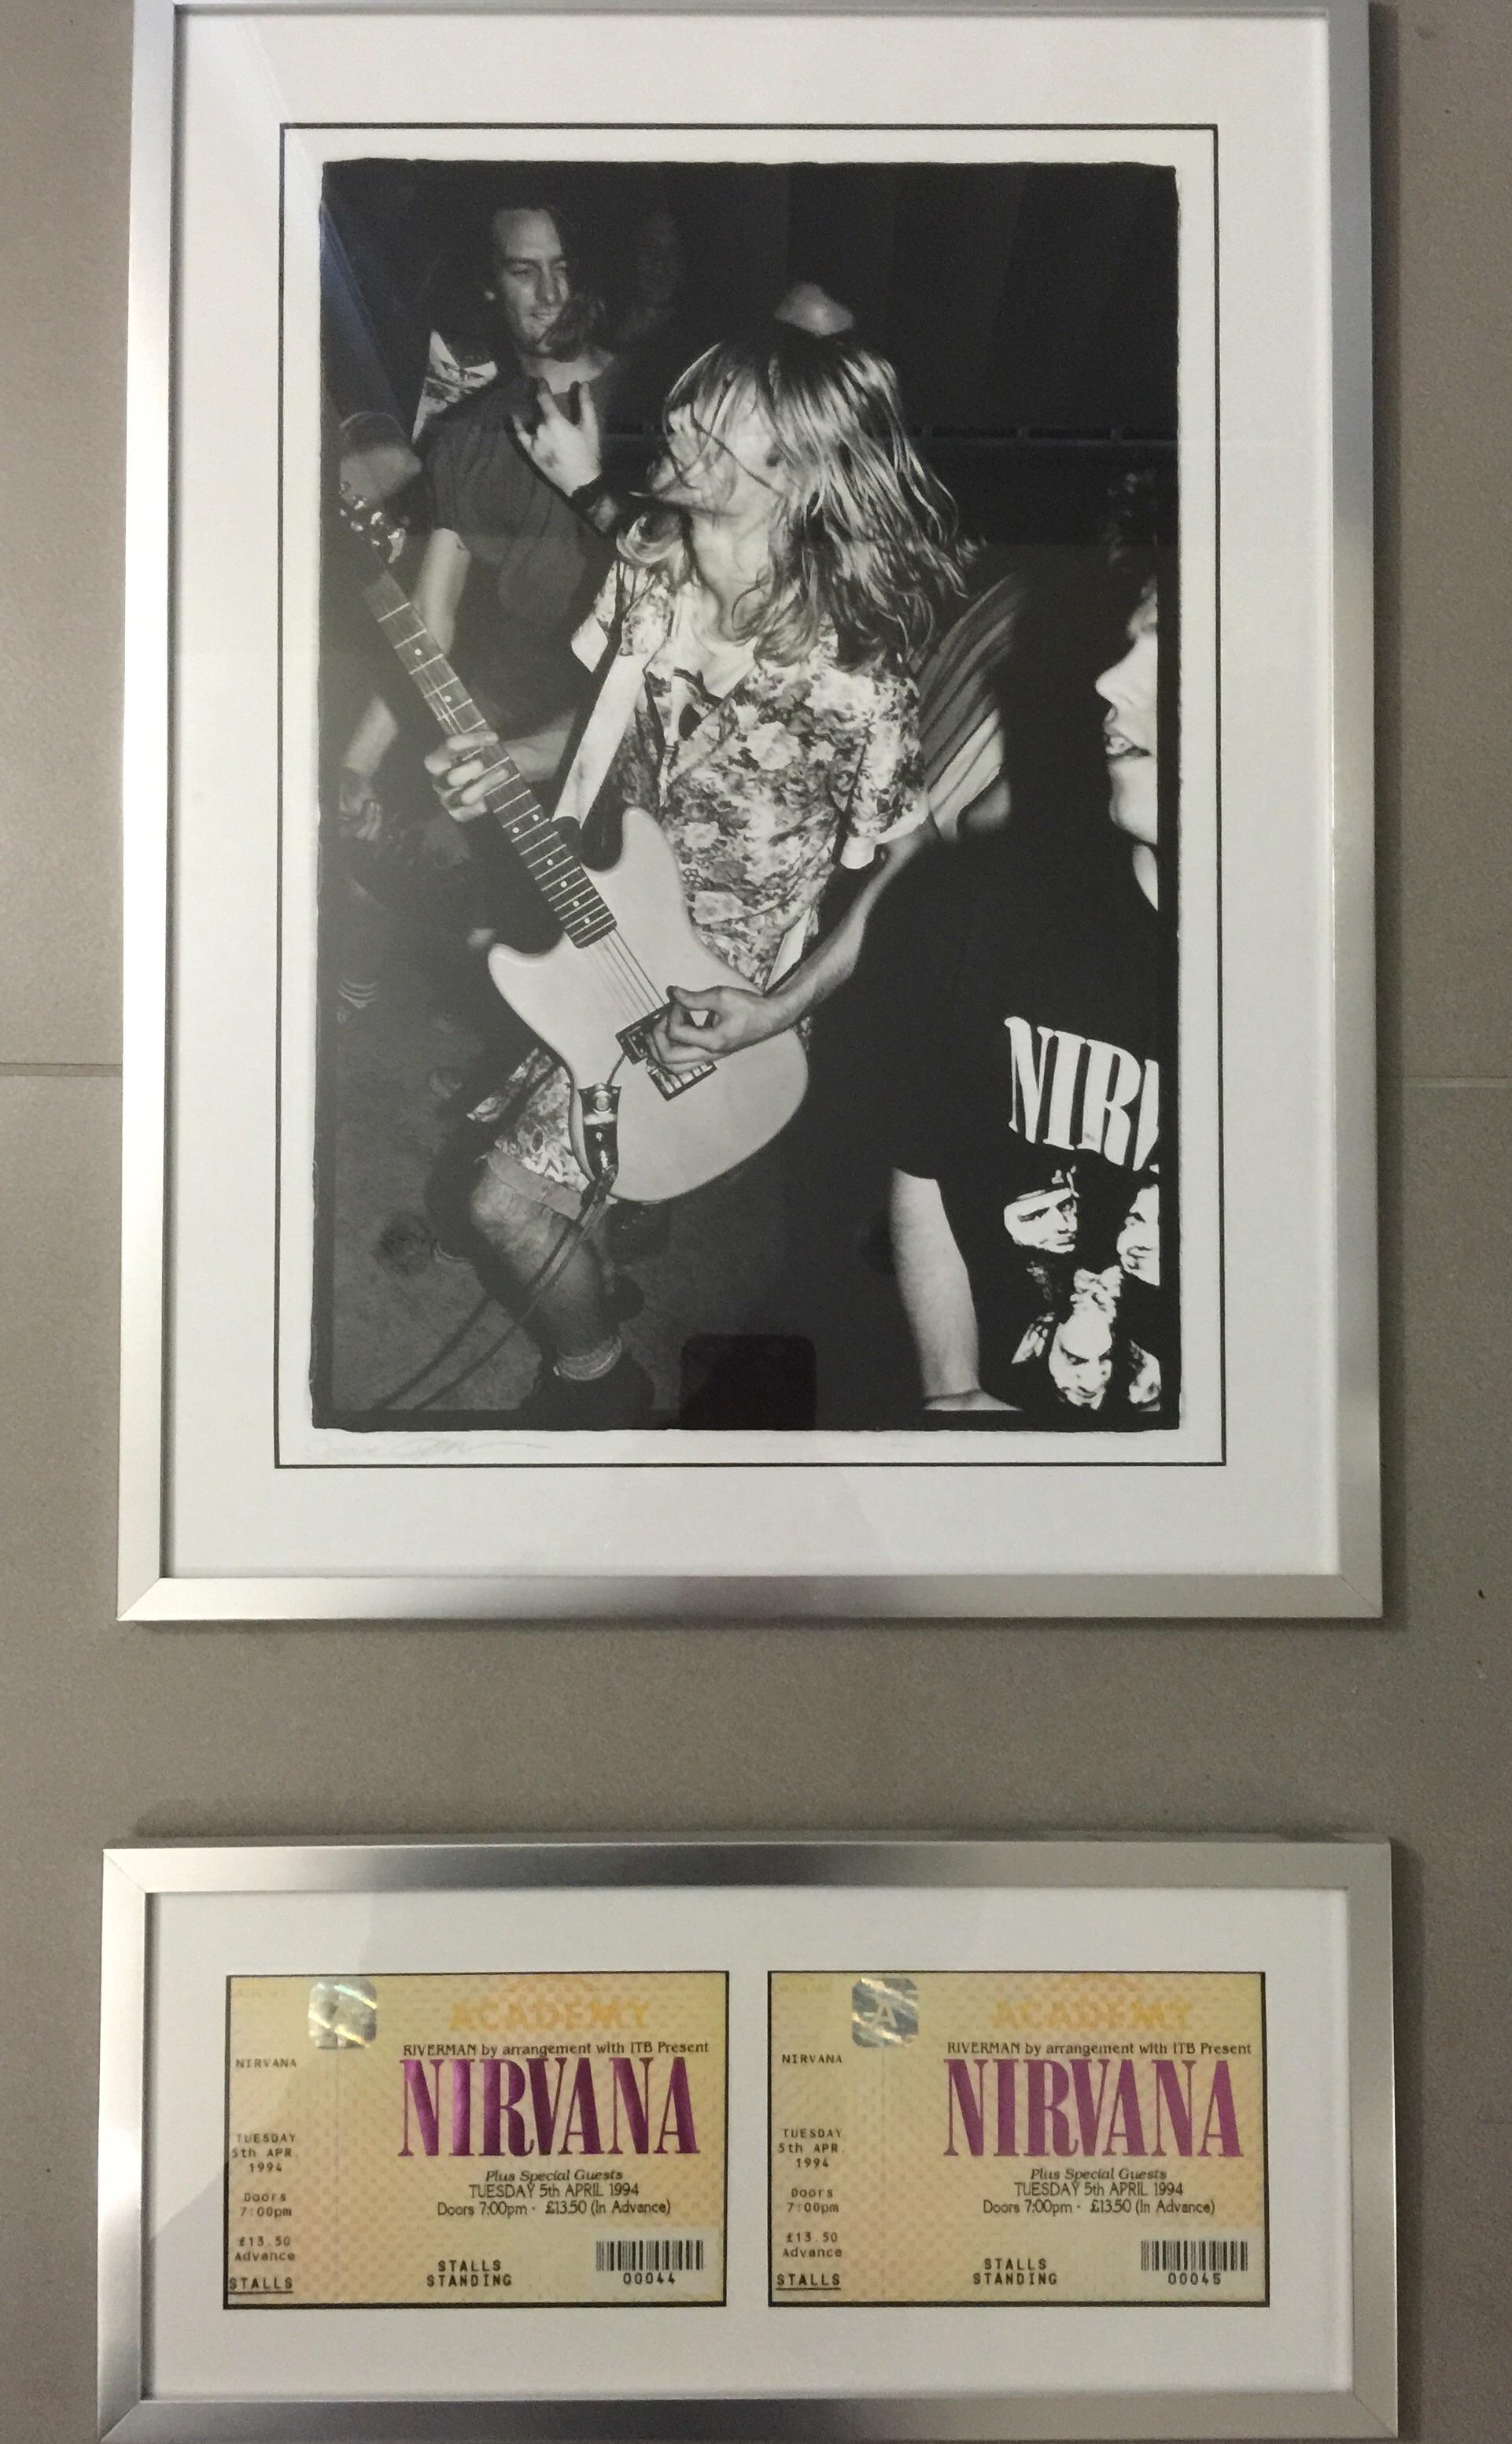 My enduring memory of Kurt Cobain - £27 well spent!